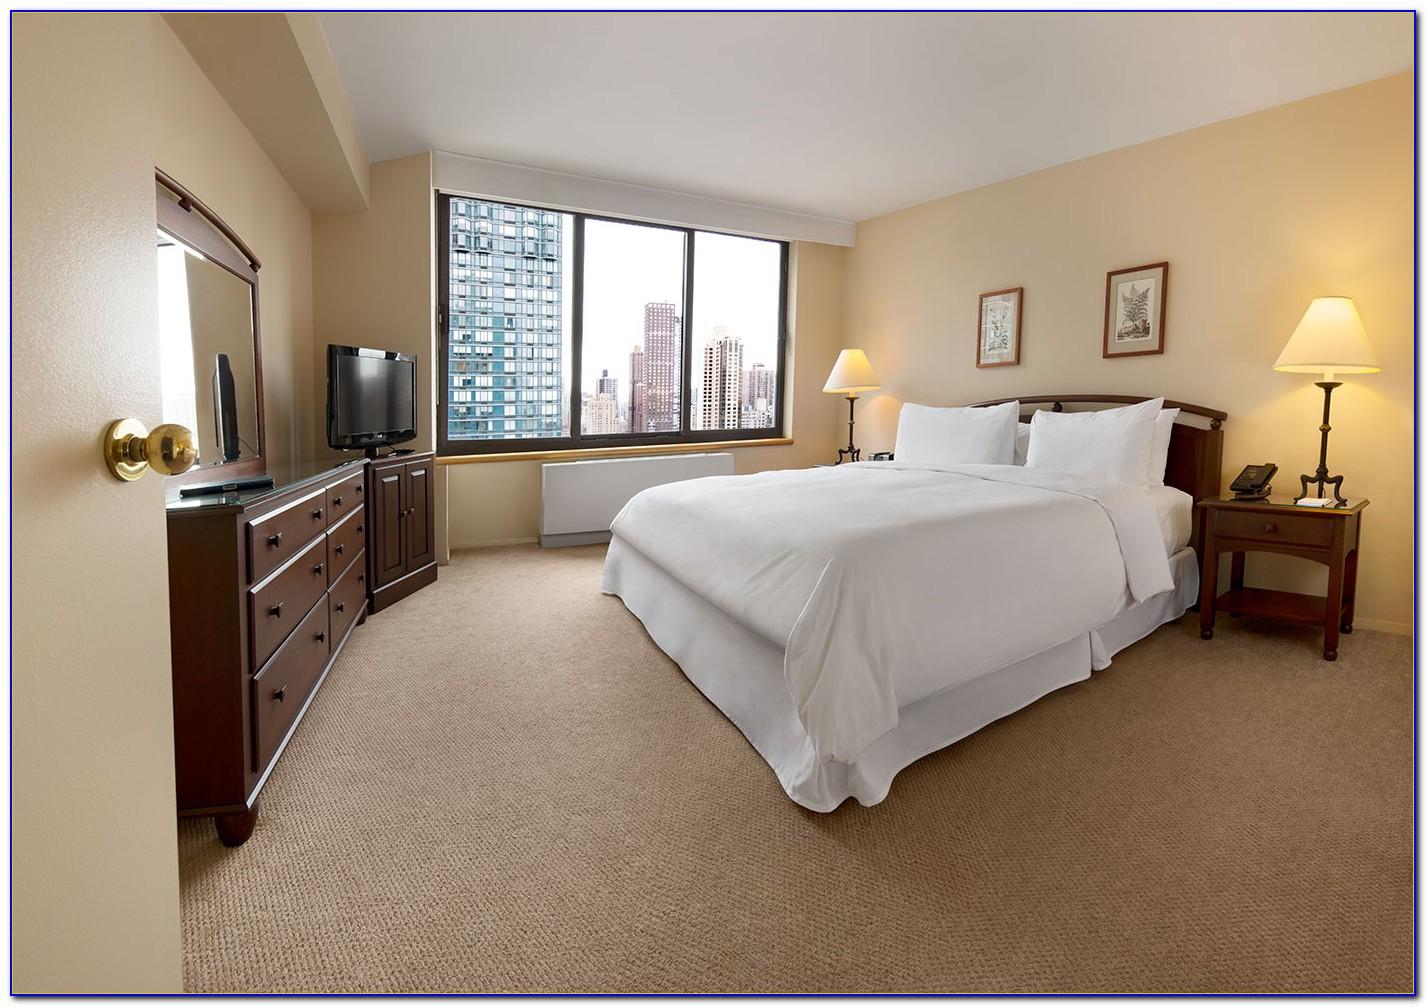 2 Bedroom Suite In New York City